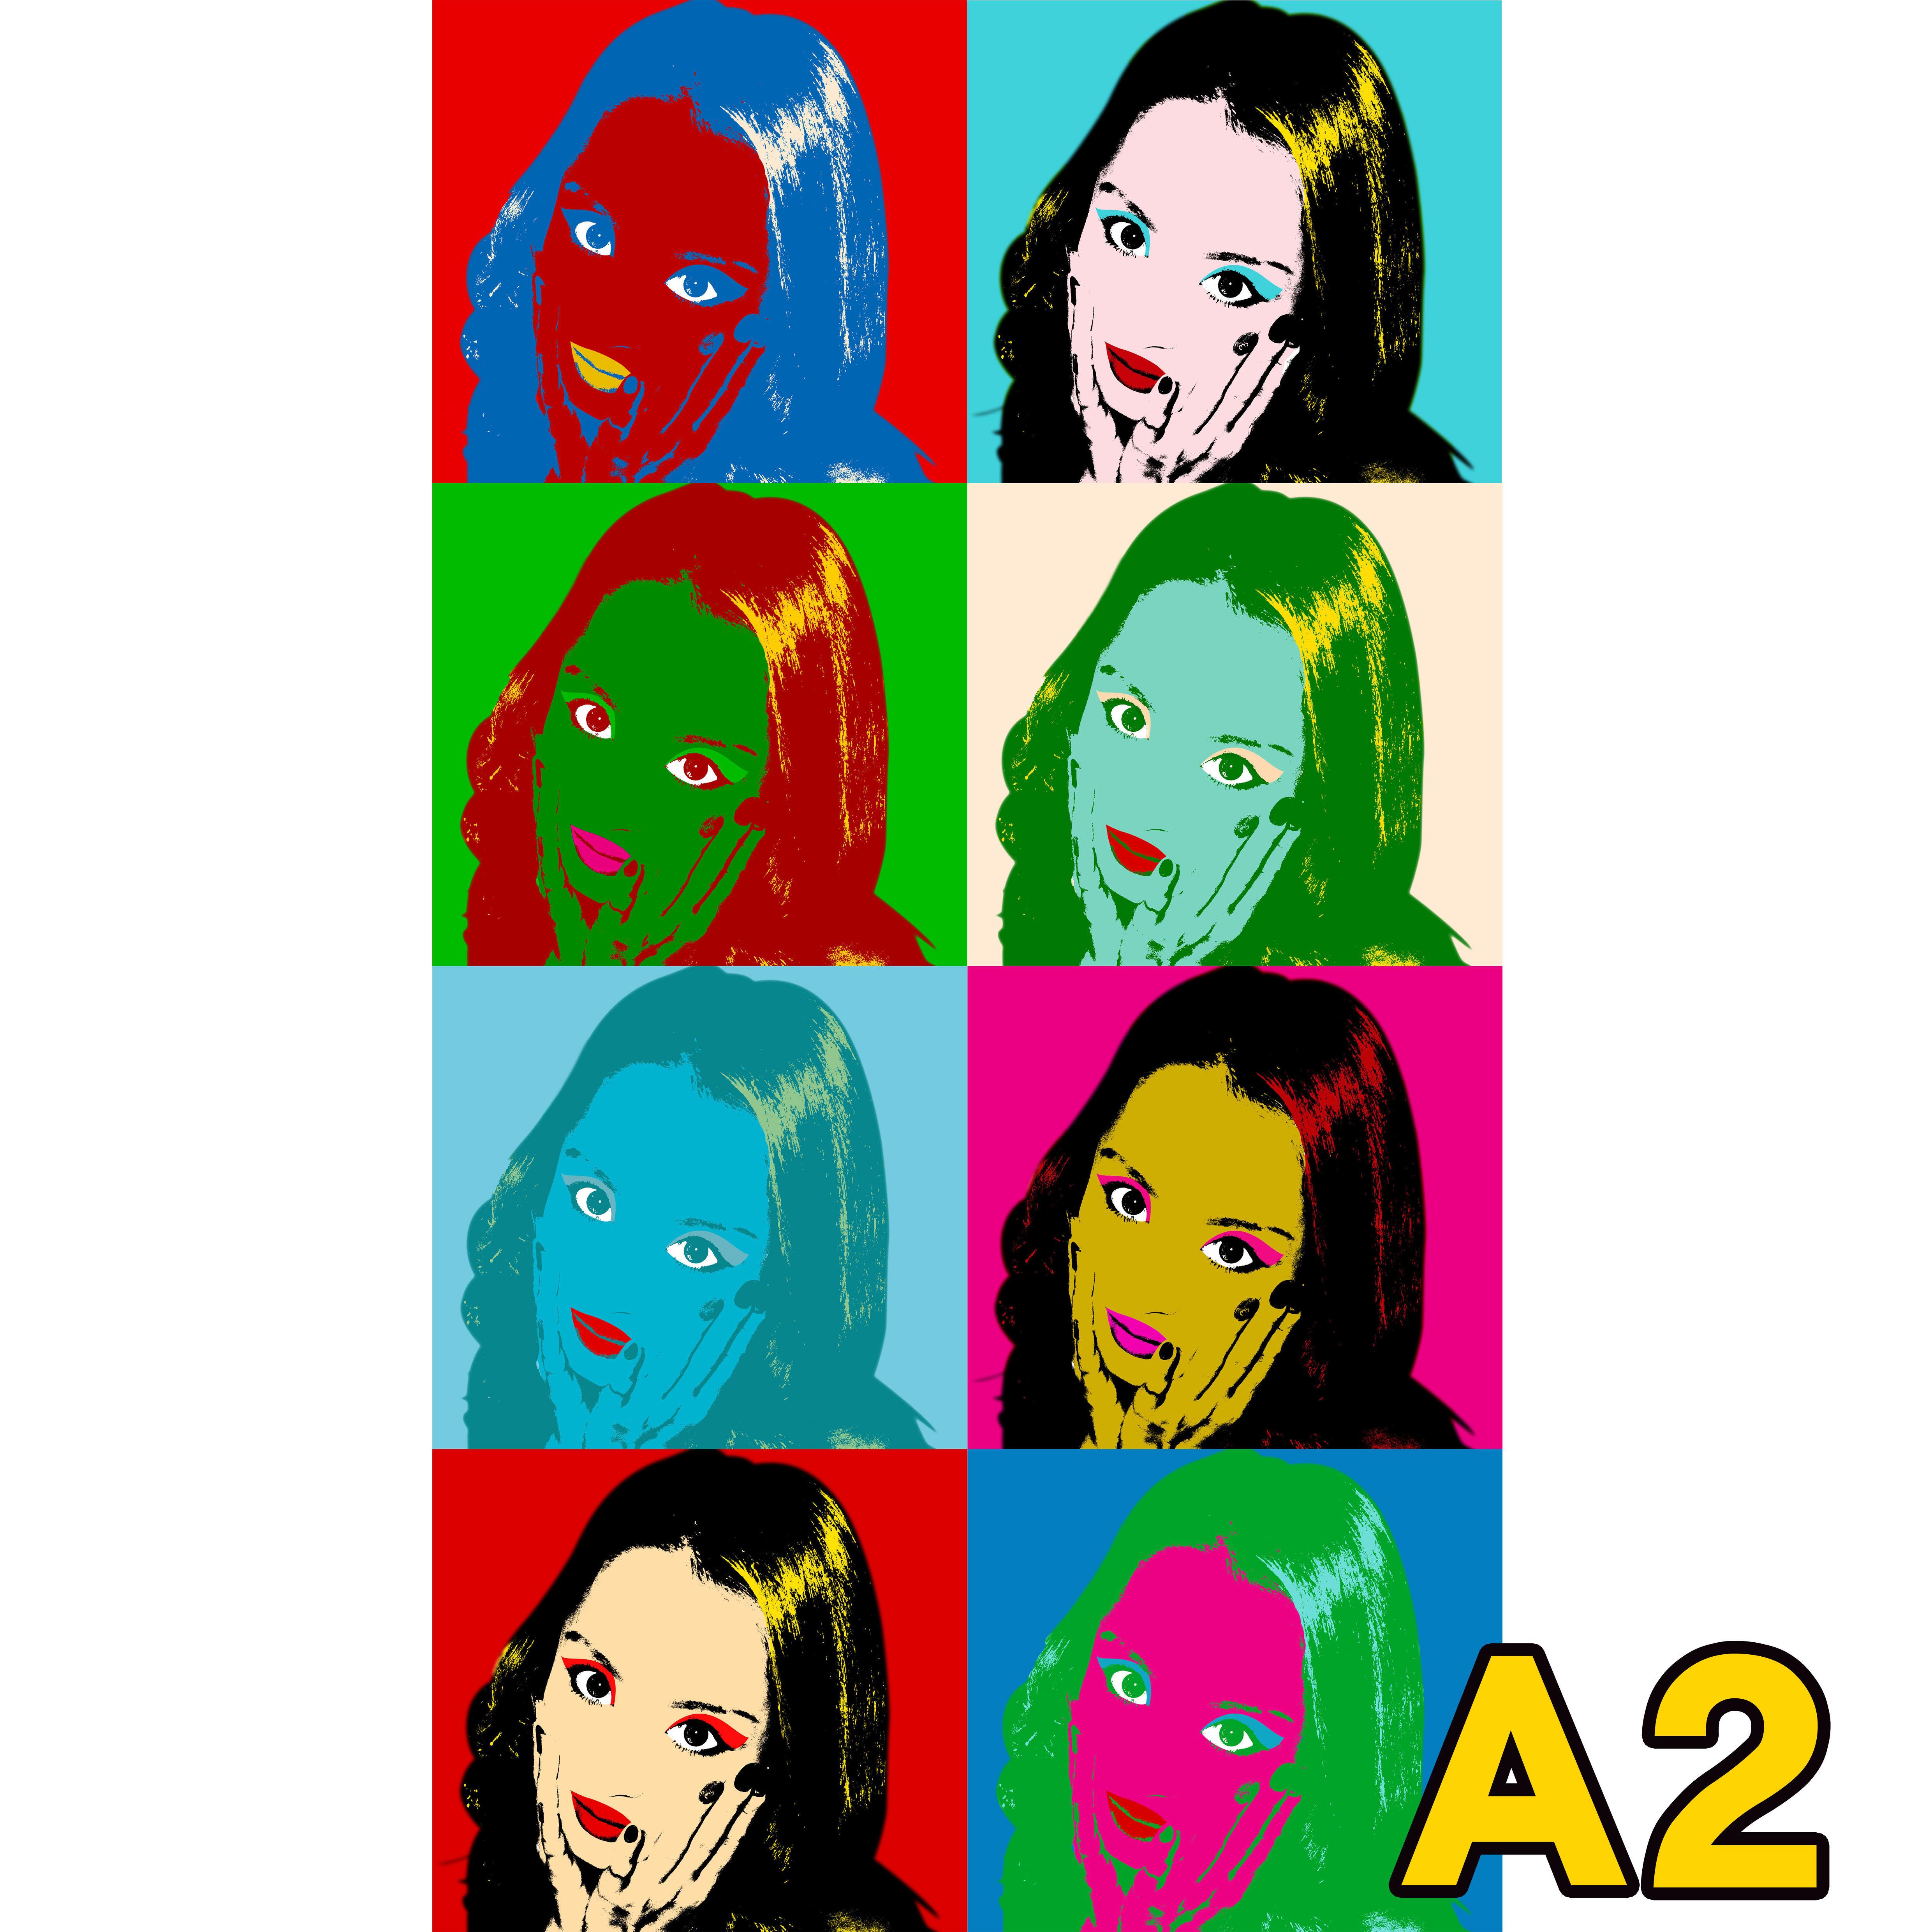 【オーダーメイドアート】ポスター・パネルボード/ポップアート風/A2サイズ